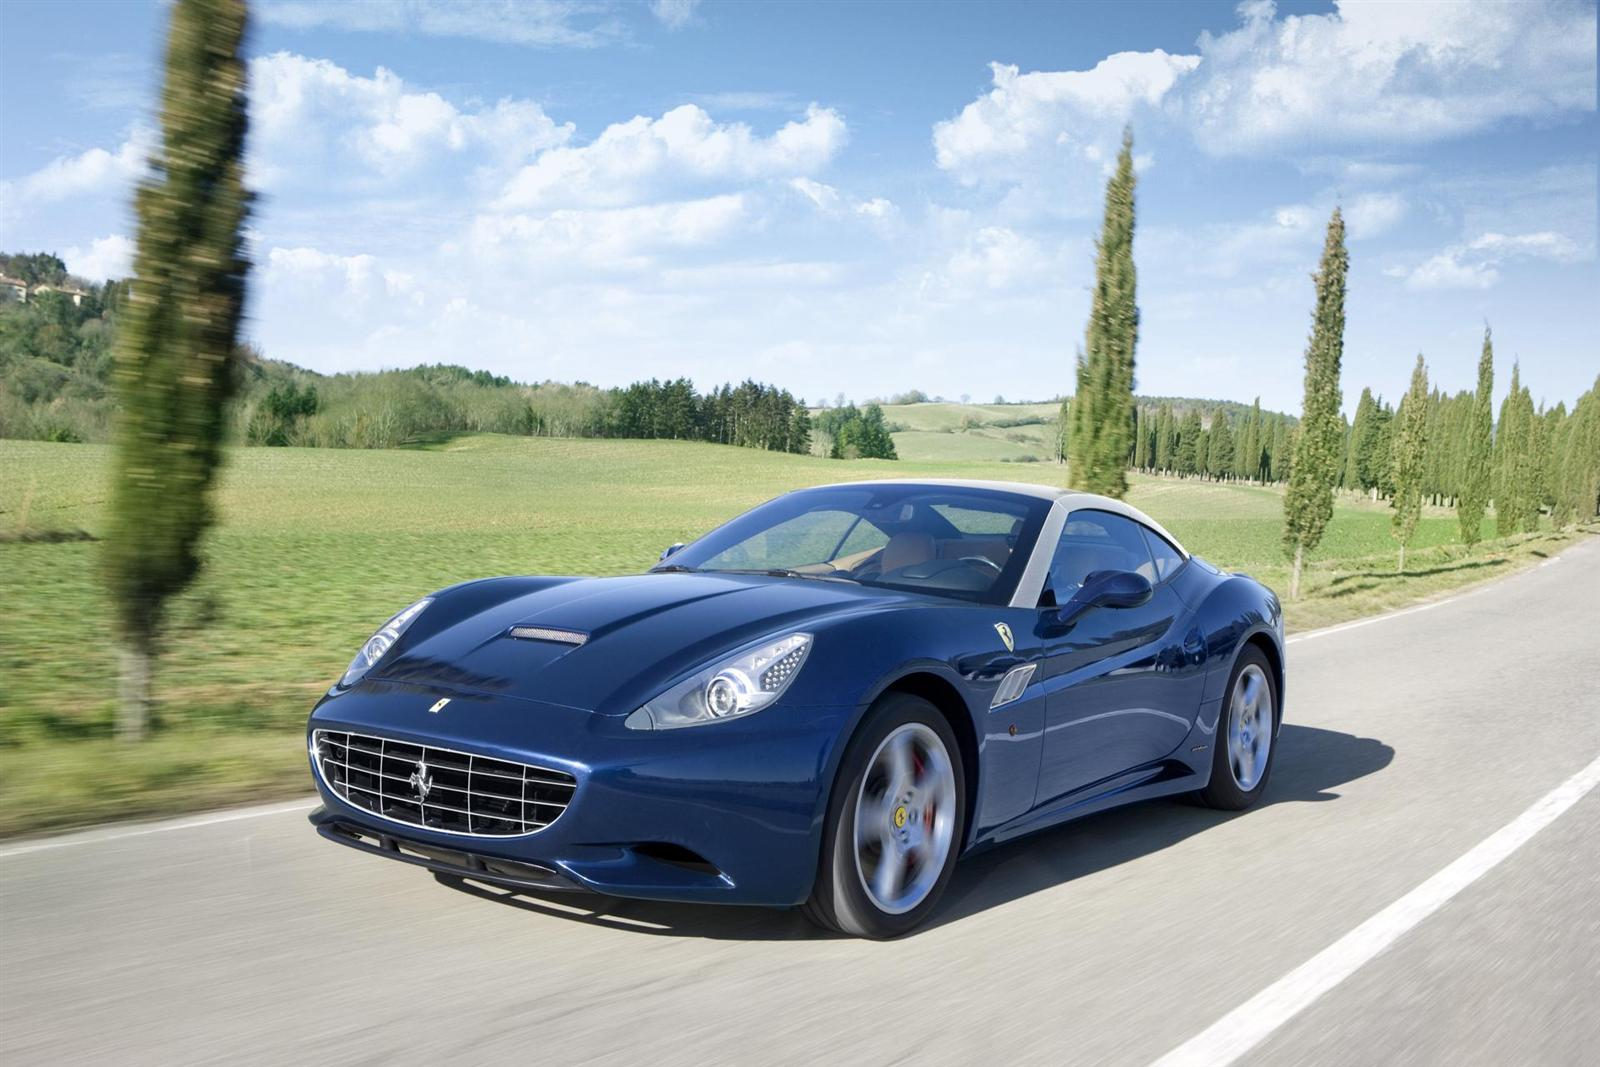 2013 Ferrari California Image